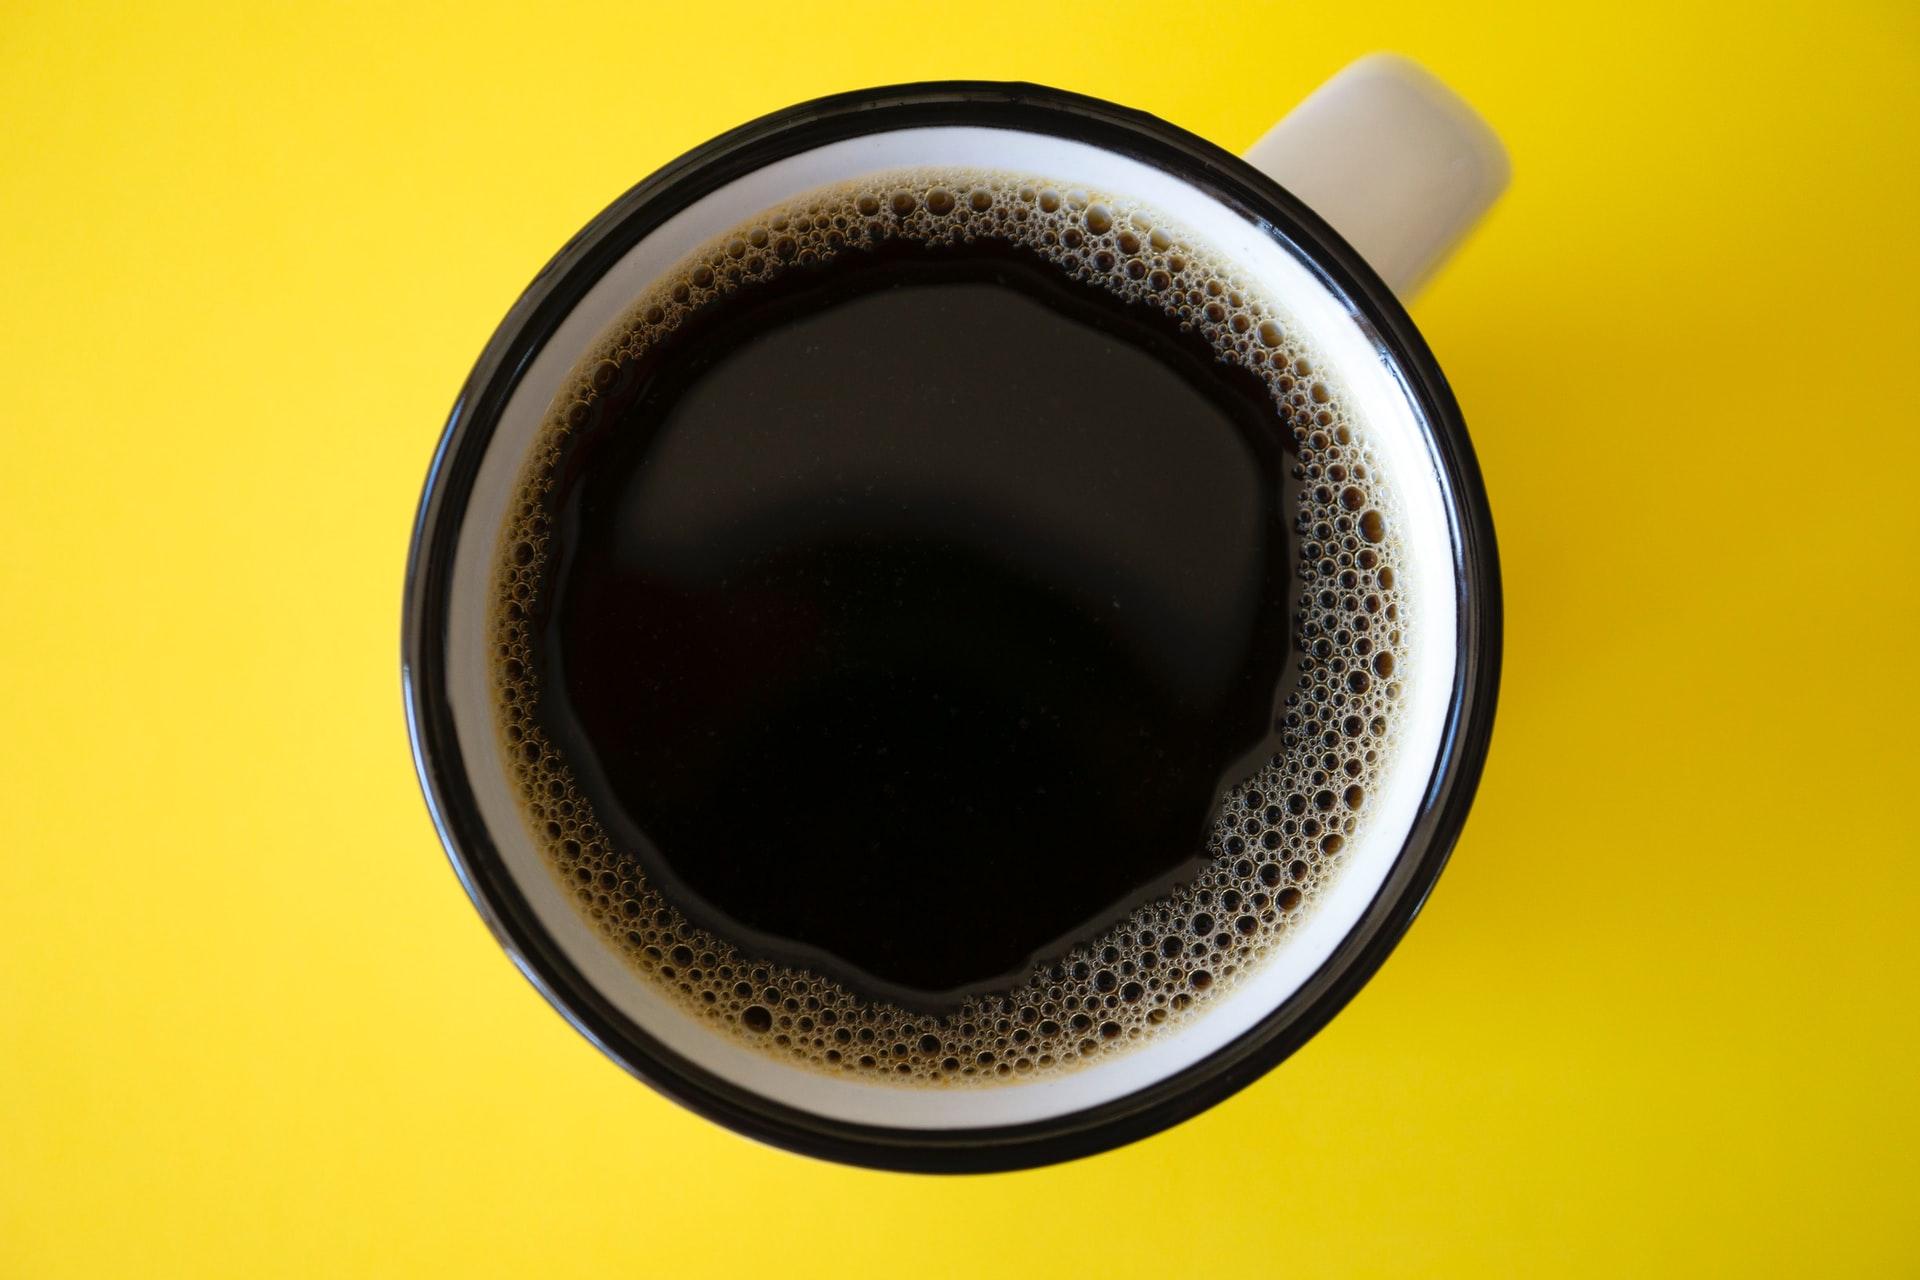 Filiżanki do kawy i herbaty – czym się różnią?